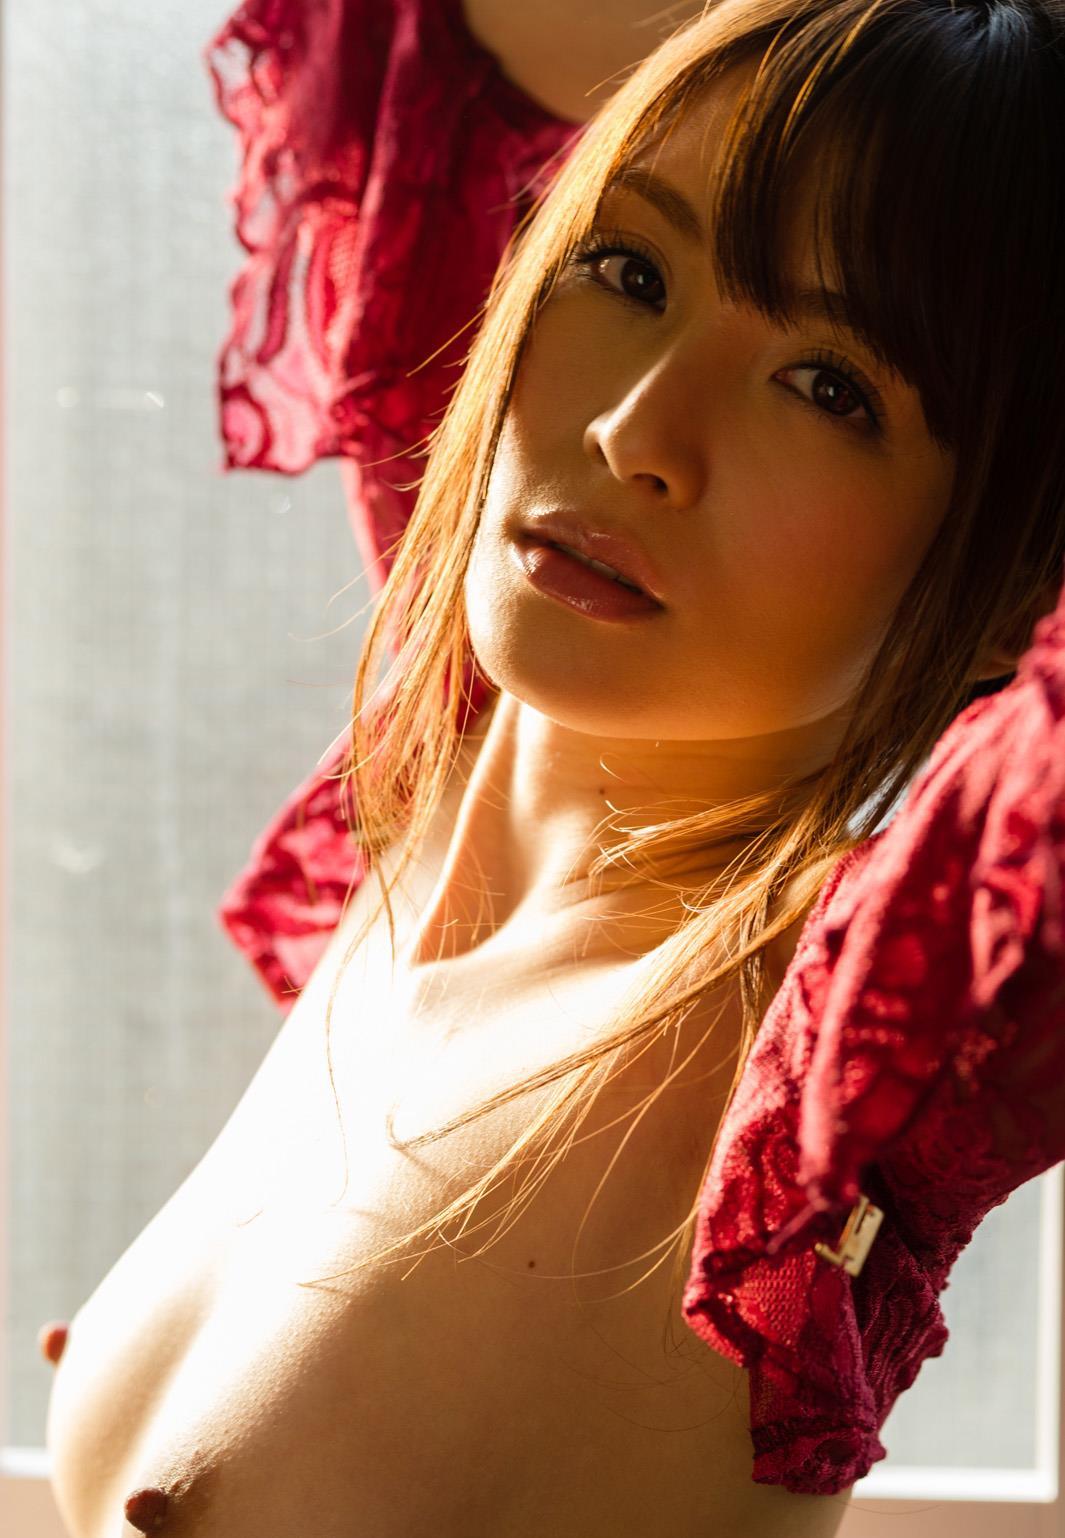 大橋未久 妖艶なセクシーAV女優の抜けるヌード画像